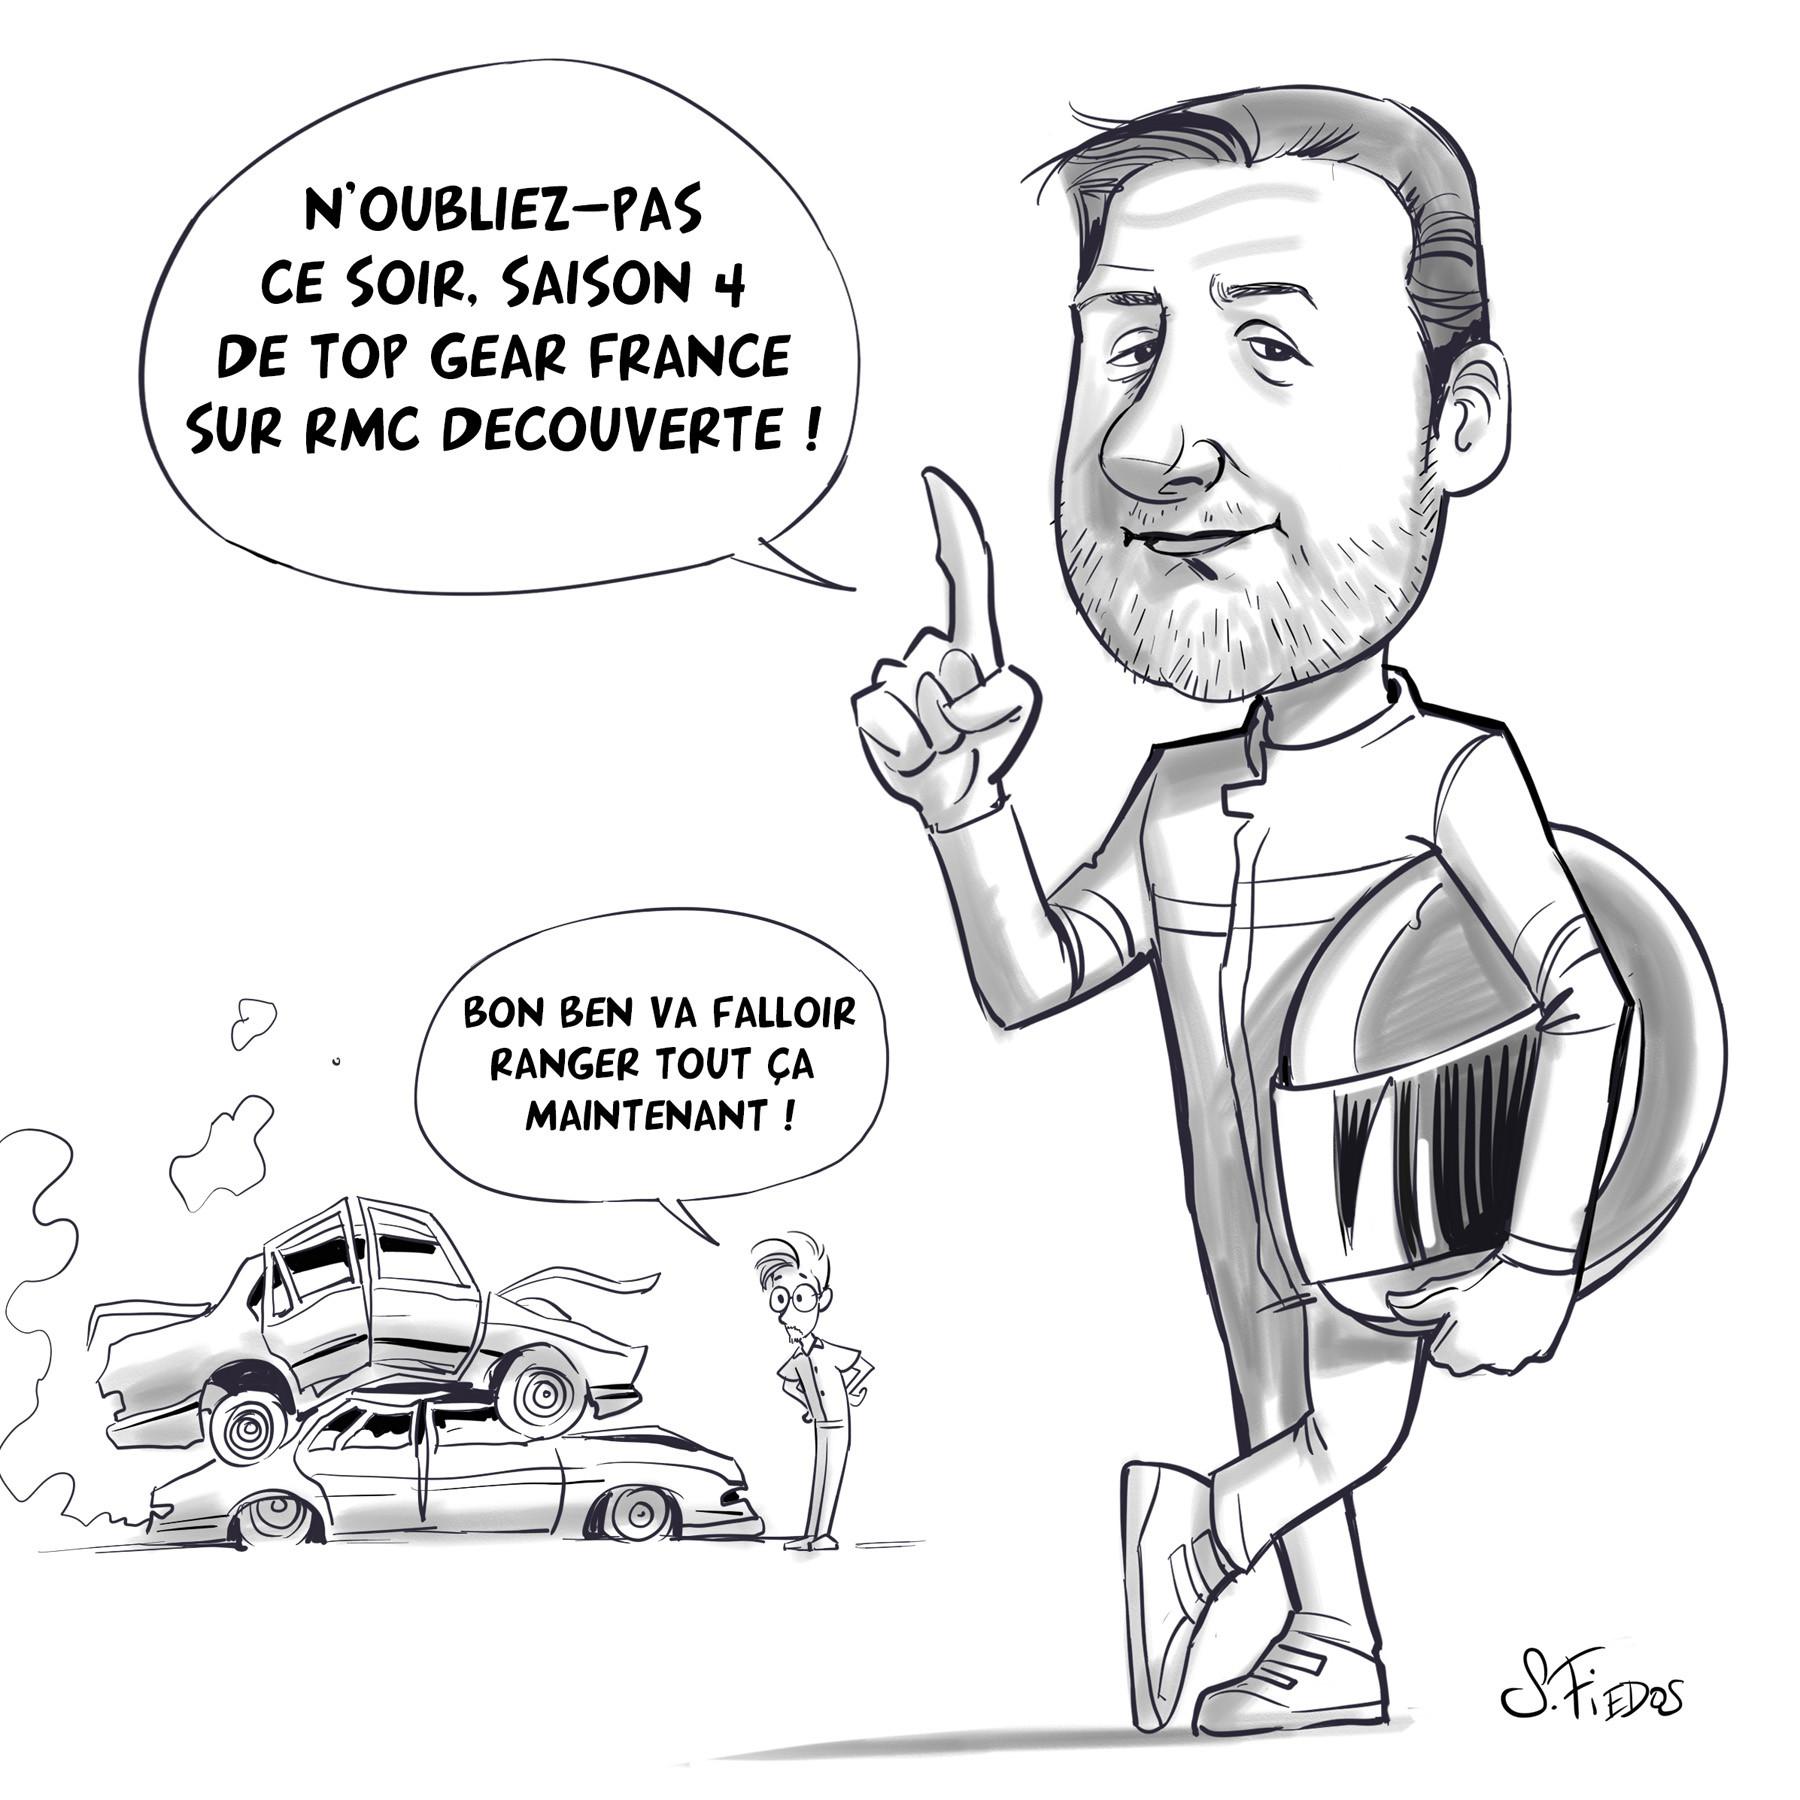 Serge fiedos top gear france season 4 fan art sketch2 by serge fiedos